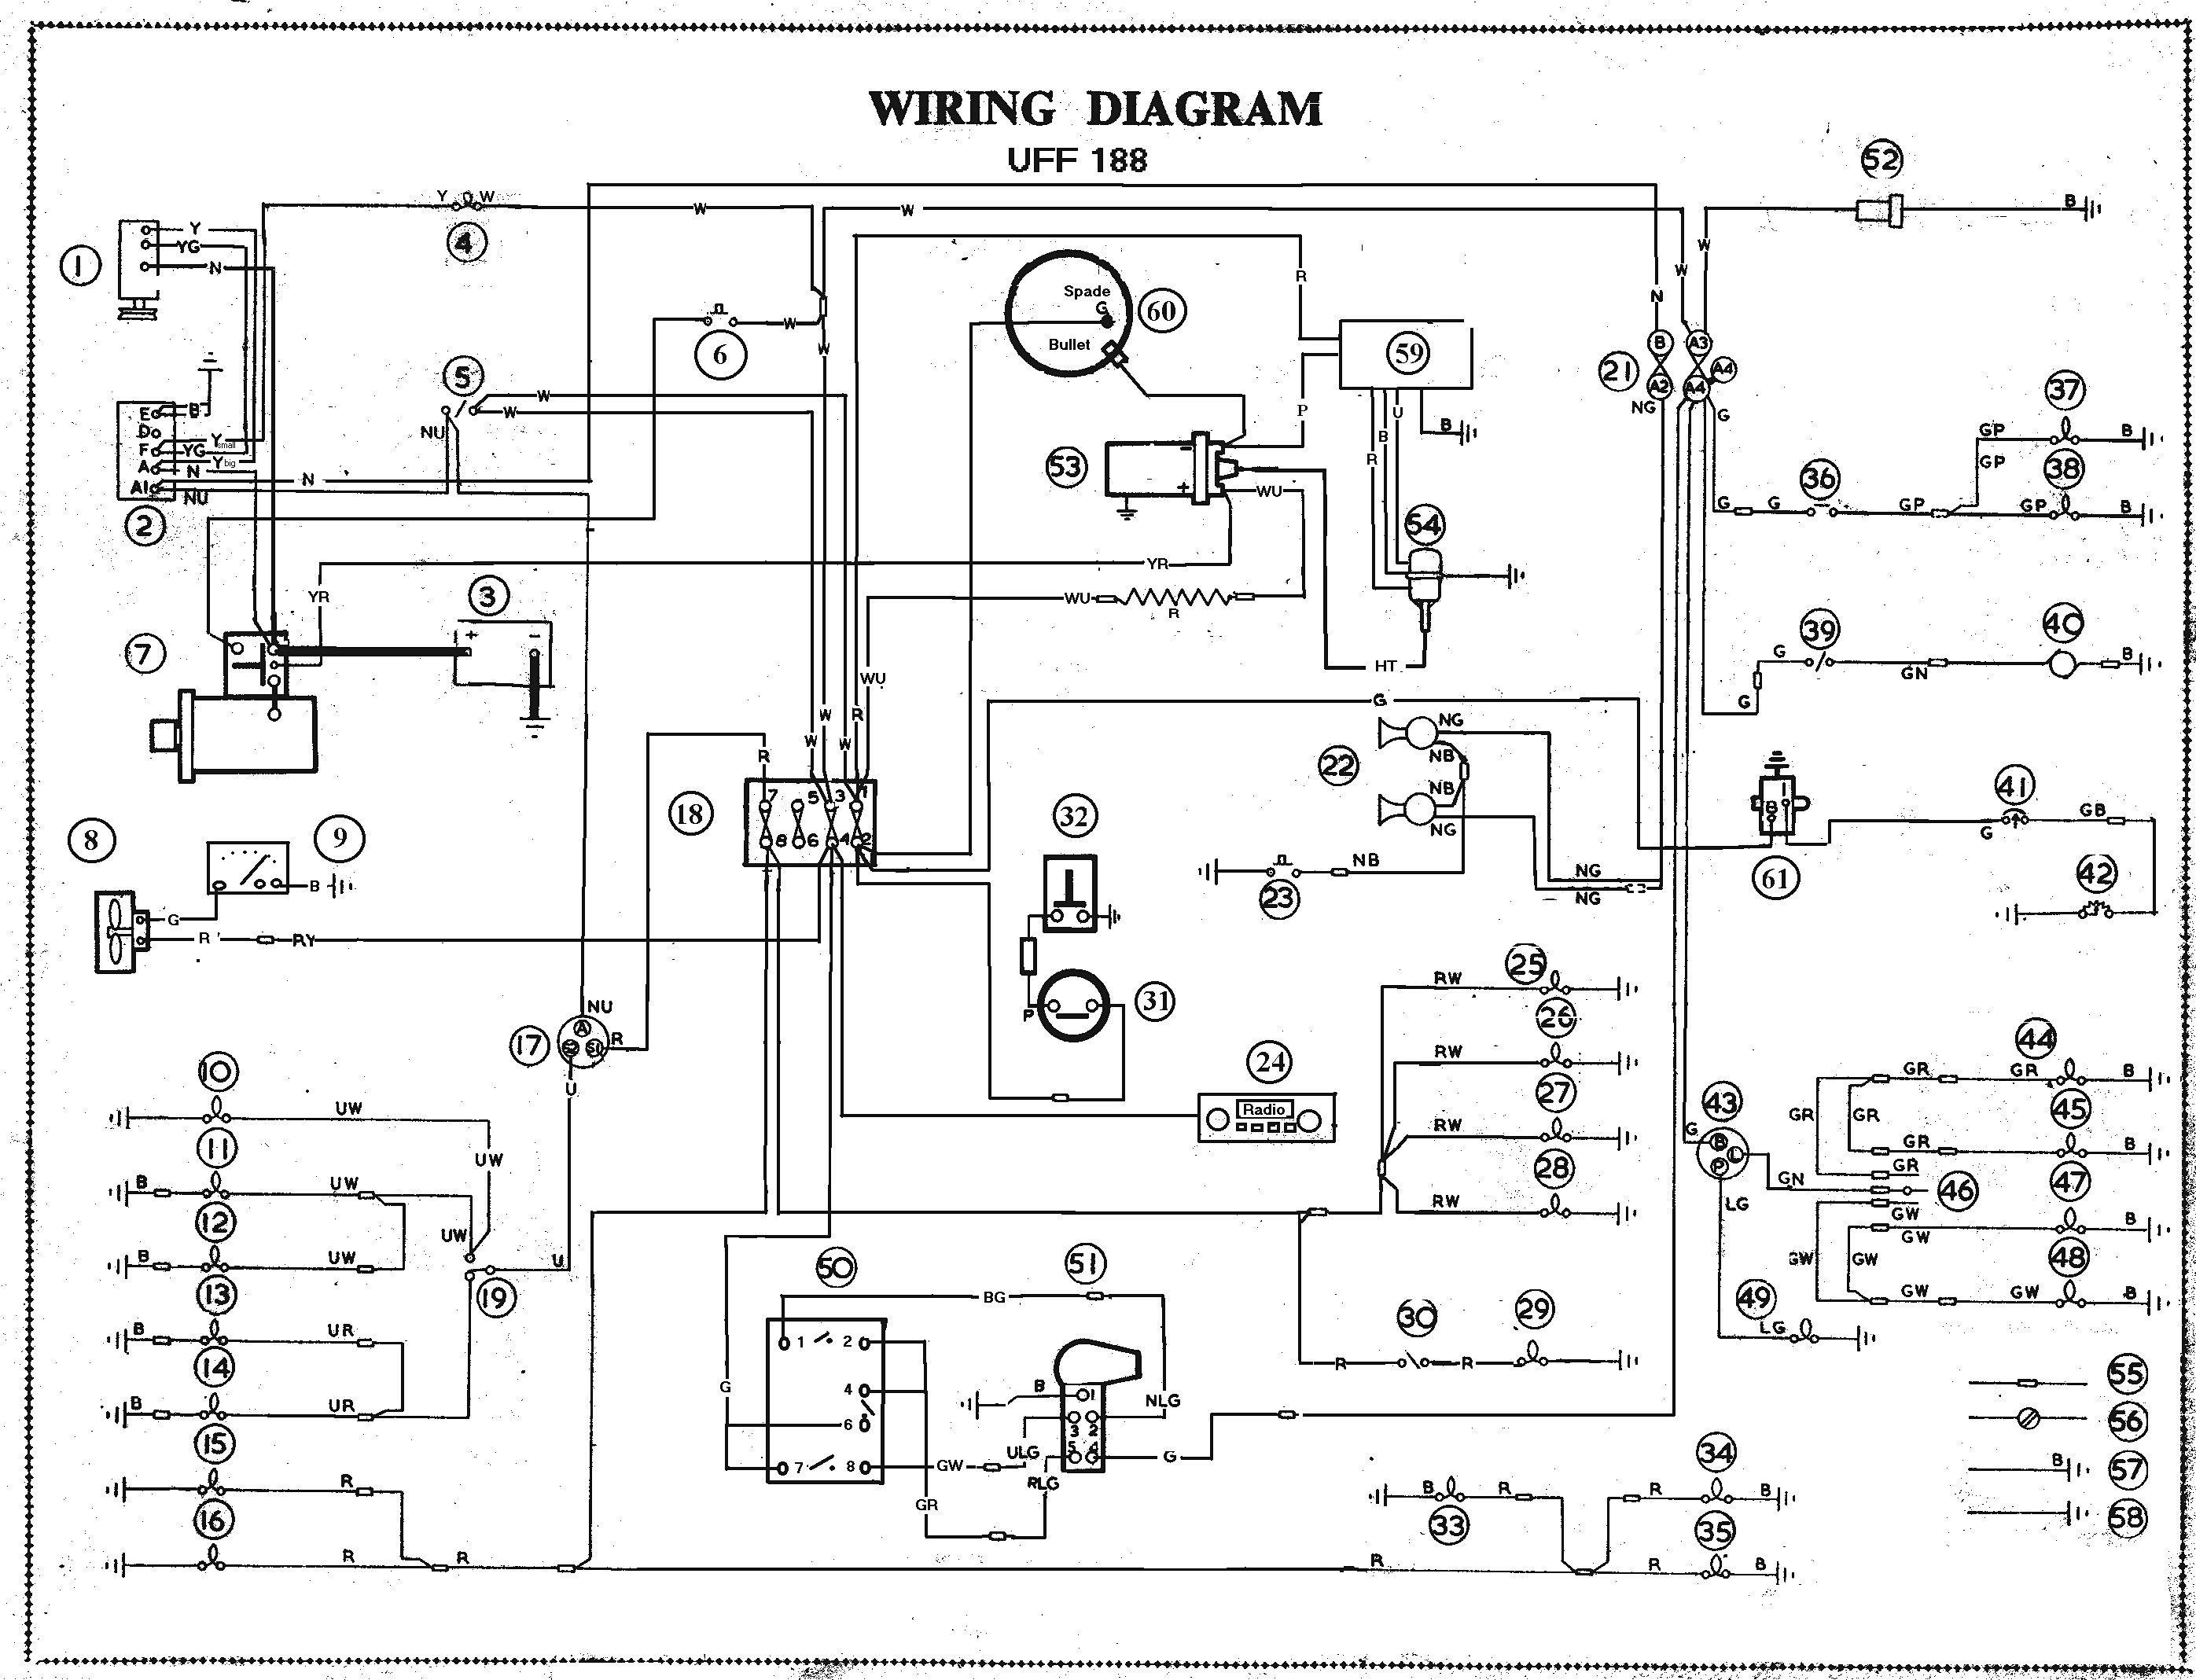 Unique Wiring Circuit Diagram Diagram Wiringdiagram Diagramming Diagramm Visuals Visu Electrical Diagram Electrical Wiring Diagram Trailer Wiring Diagram